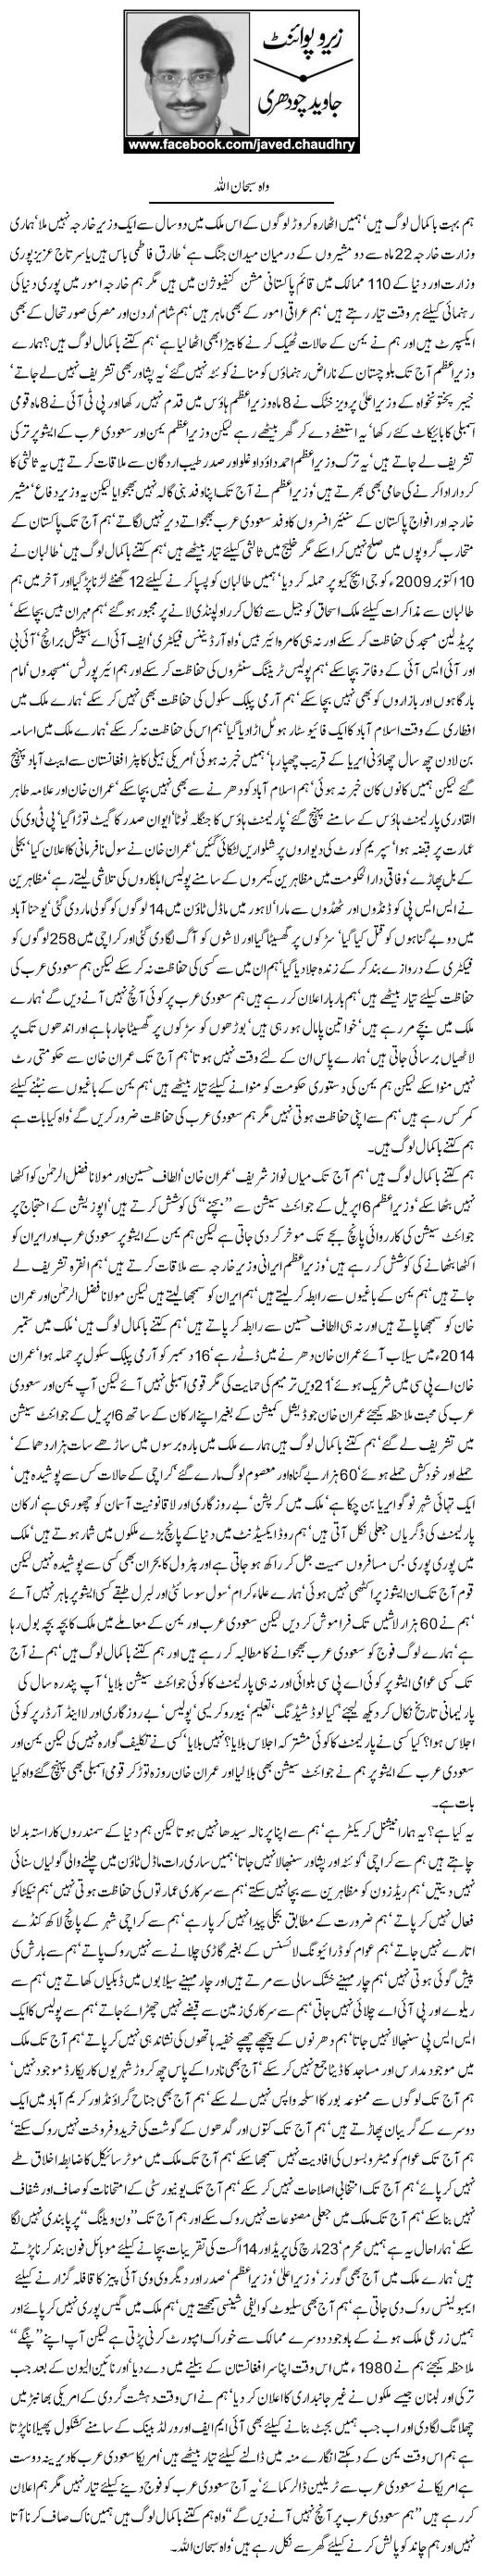 Wah SubhanAllah by Javed Chaudhry -Zero Point - Pakfunny